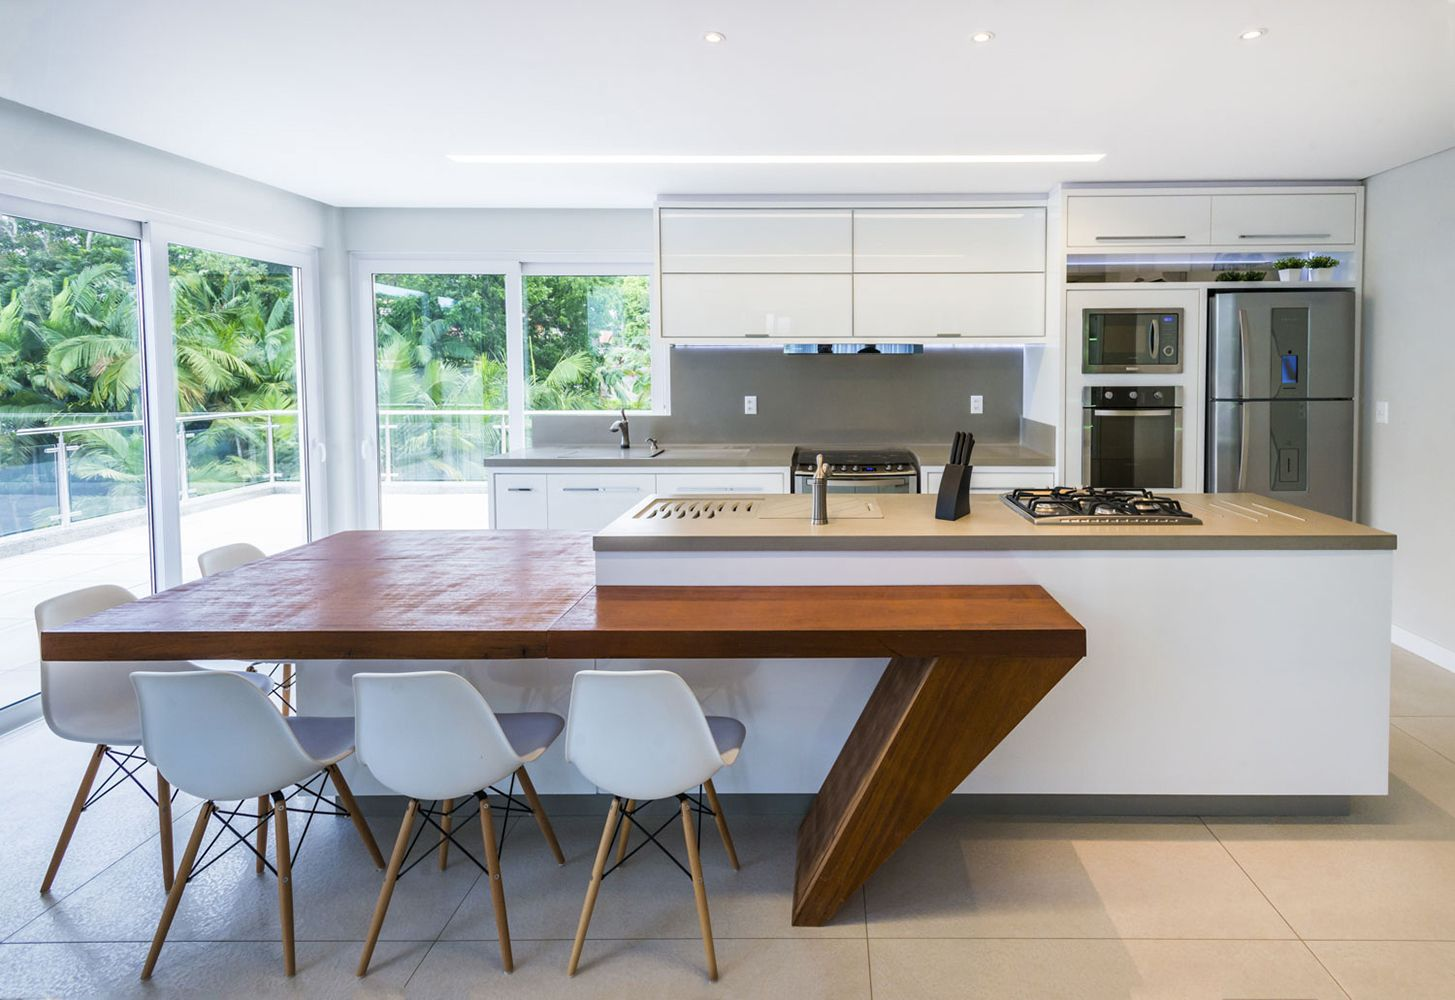 Cozinha Moderna E Clean Com Mesa Gourmet Em Madeira Natural As